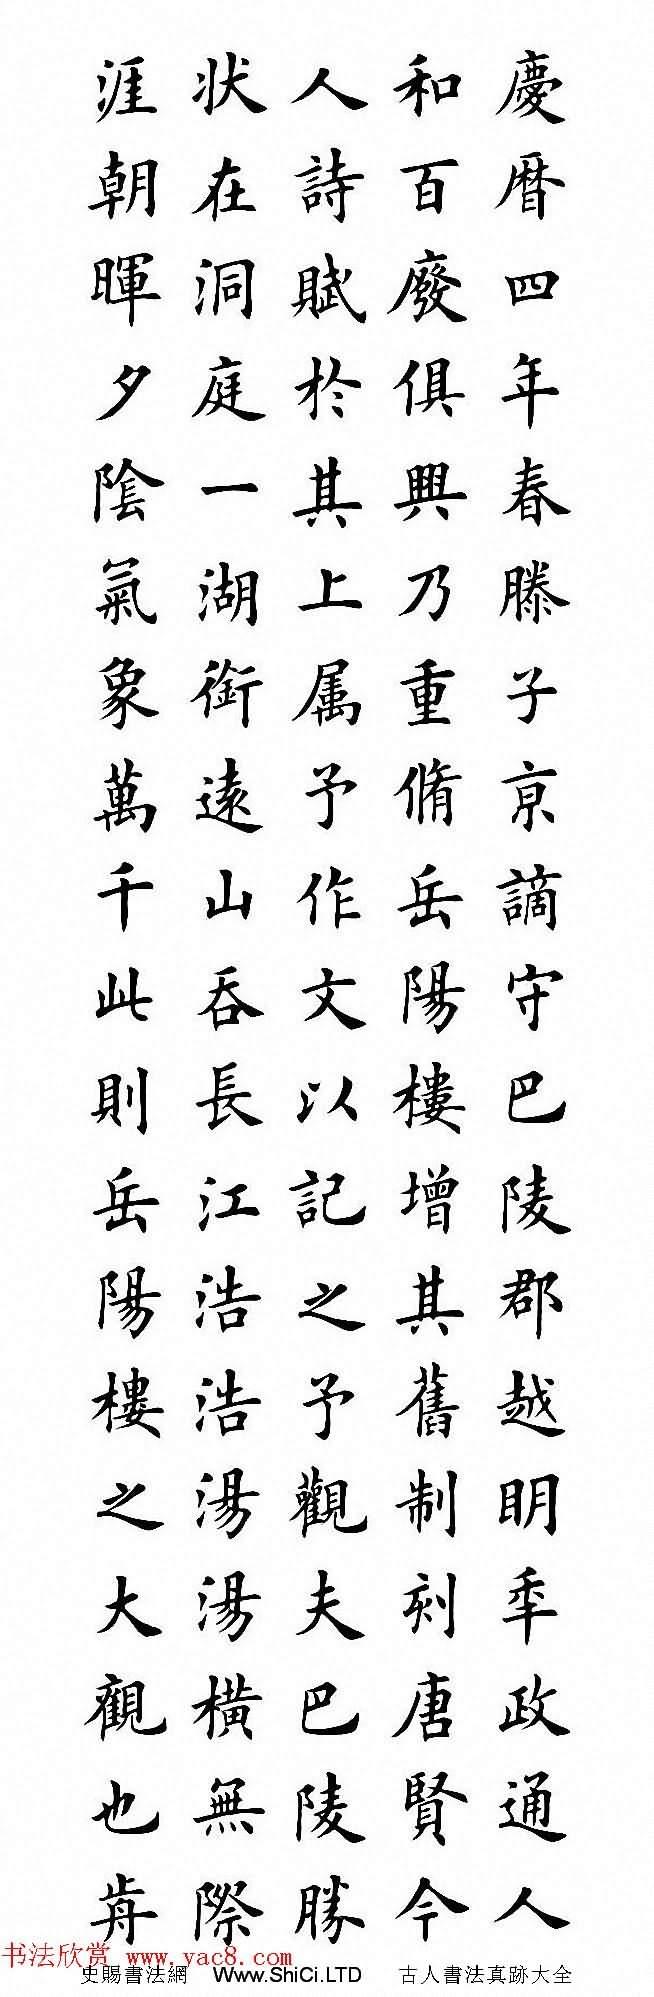 田英章楷書作品真跡《岳陽樓記》2種(共18張圖片)